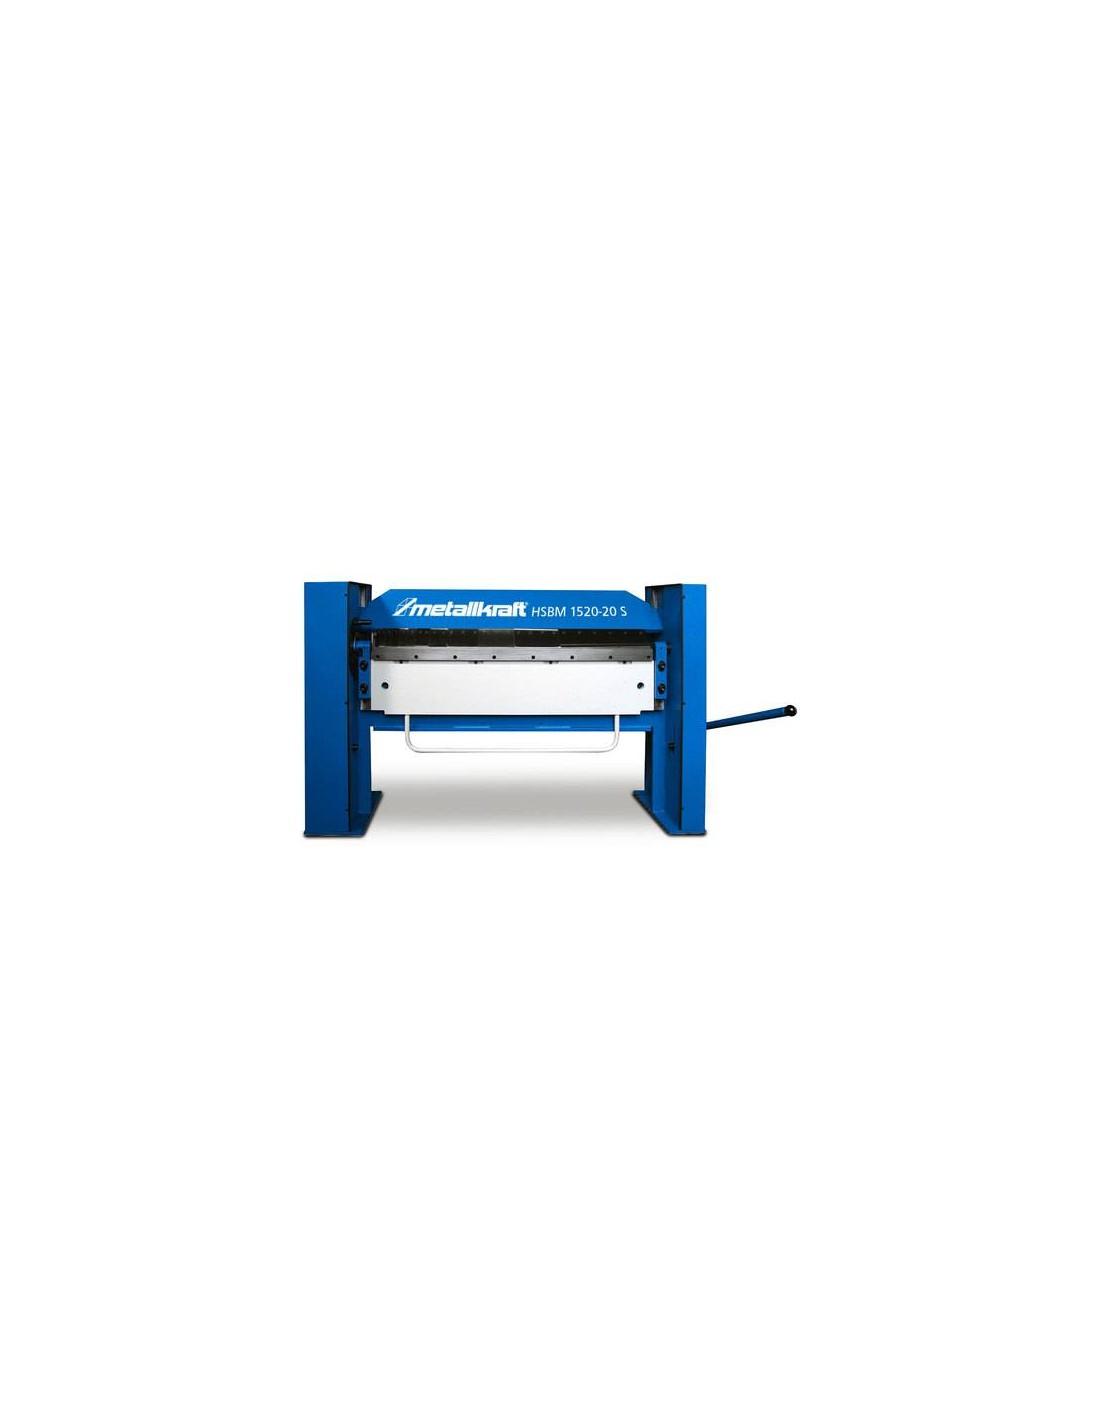 Abkant manual cu falca superioara segmentata Metallkraft HSBM 2020-20 S